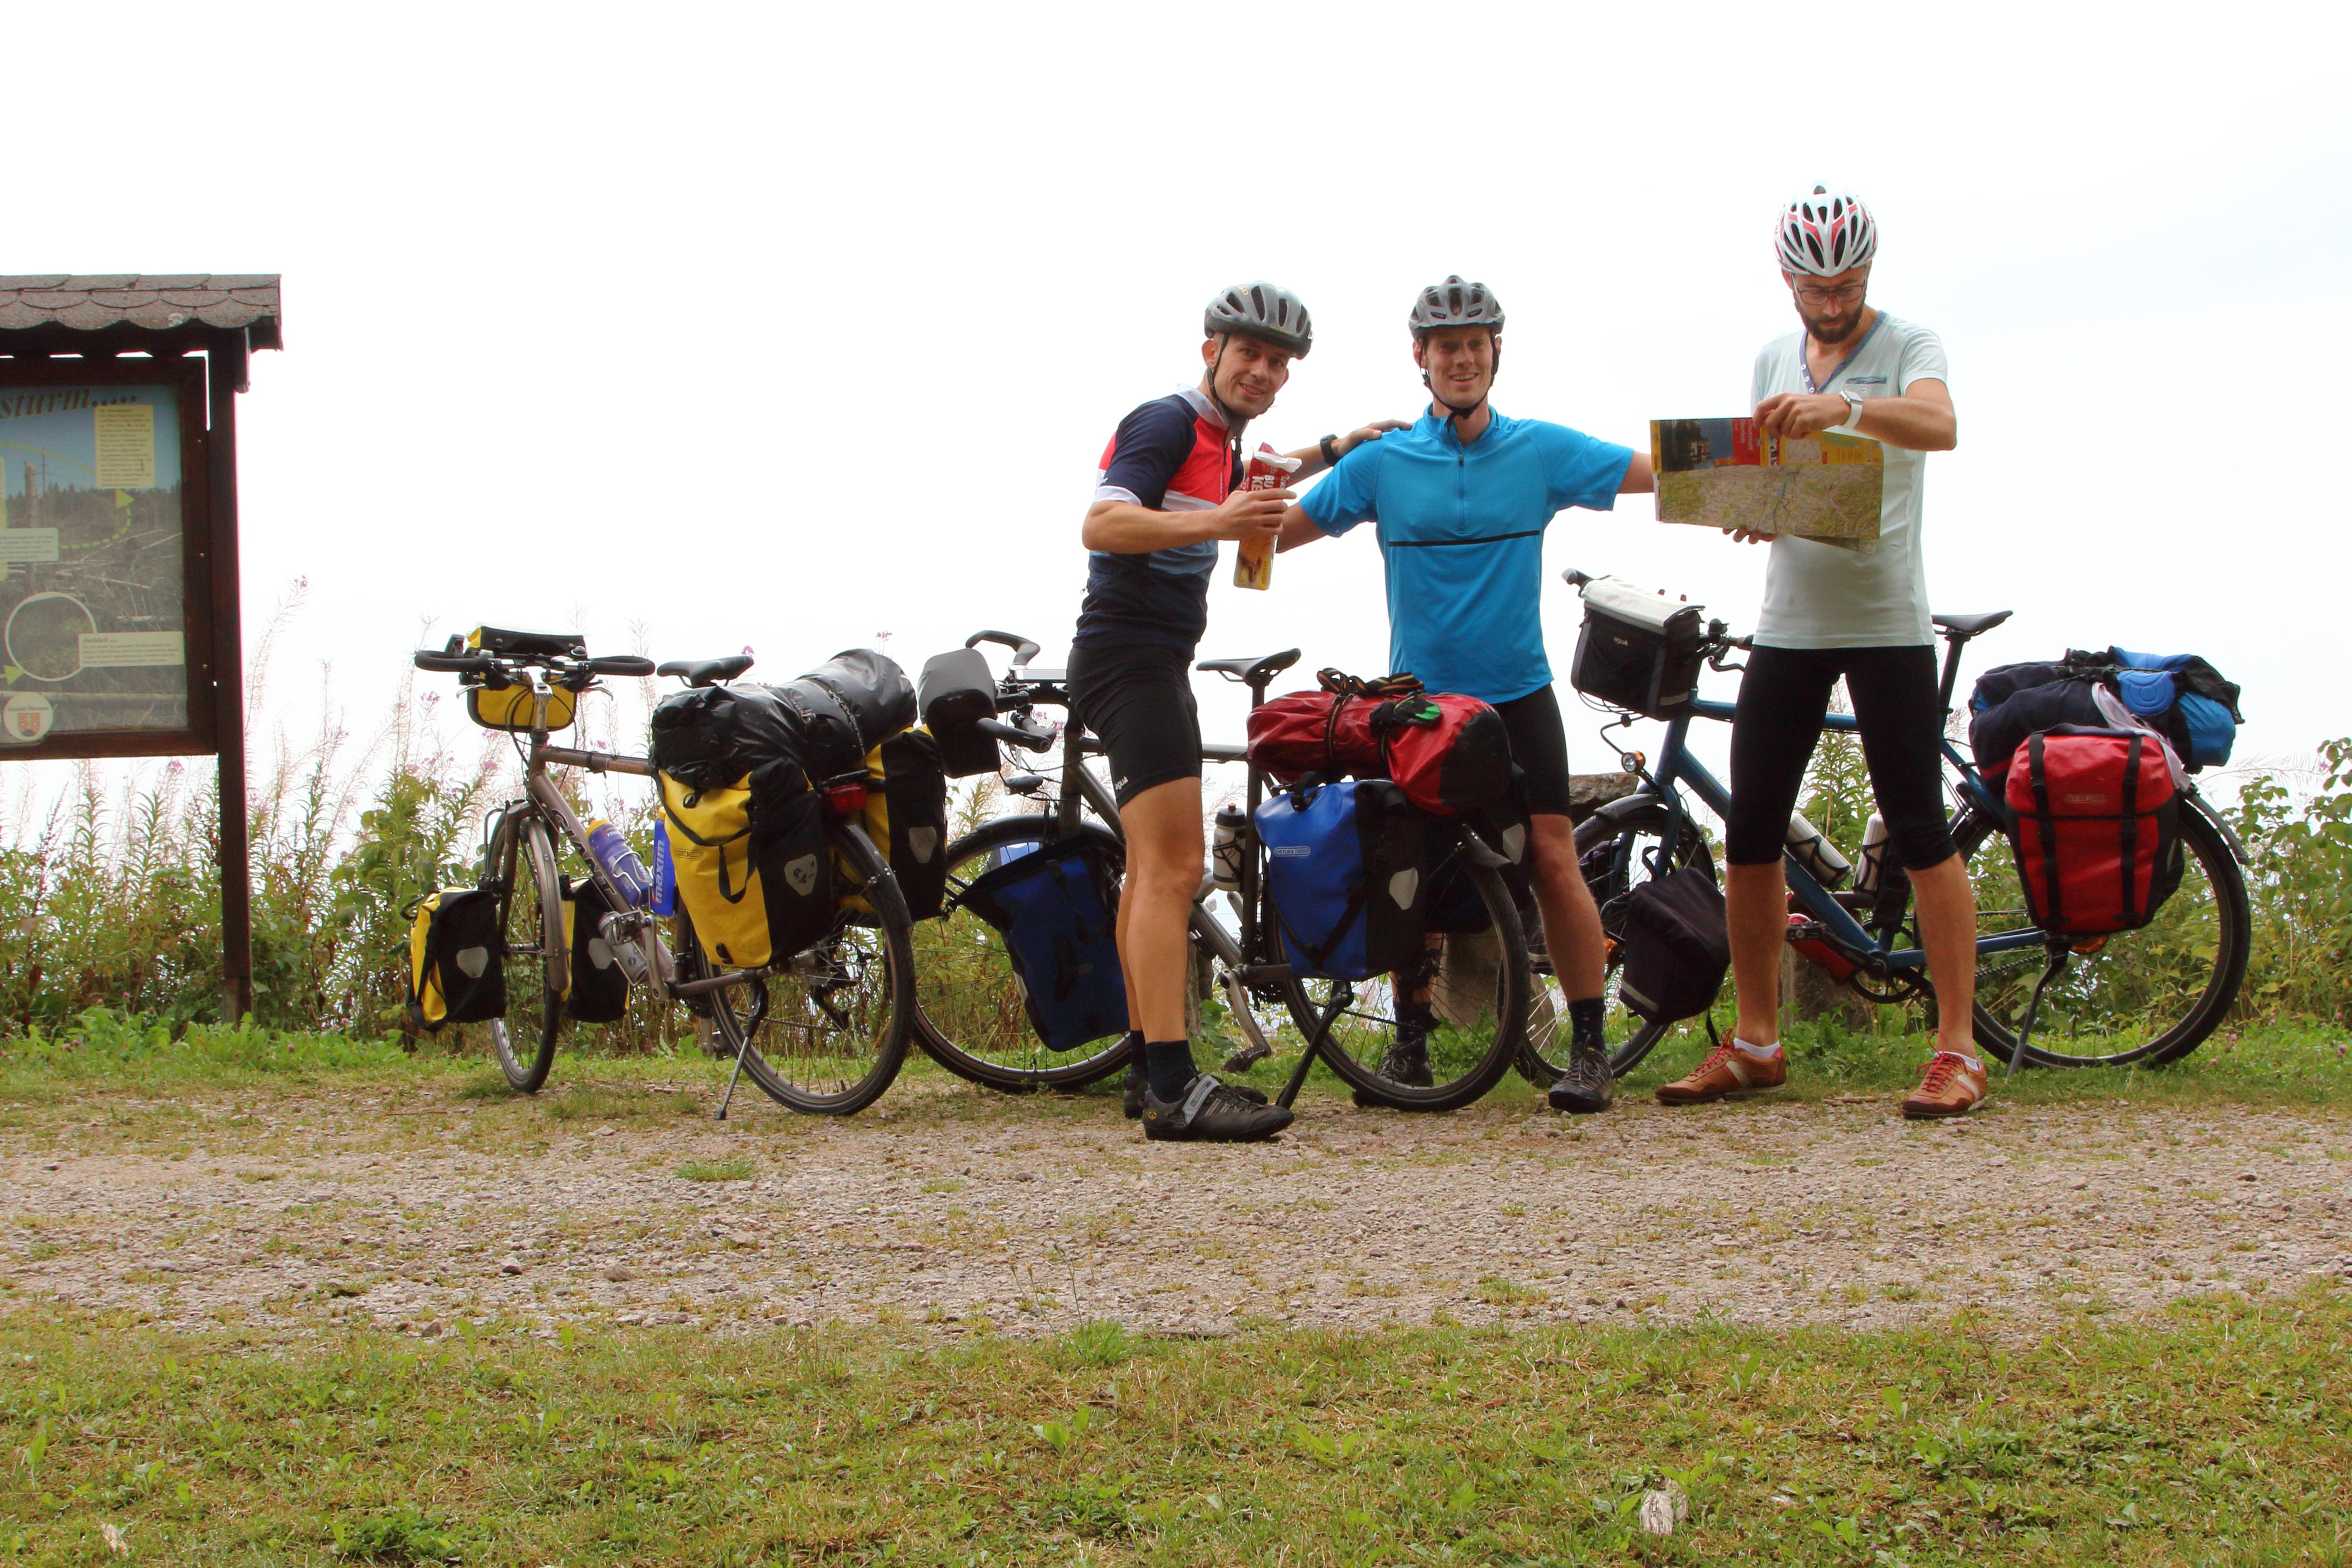 Scharzwald Radweg: een fietsvakantie-5daagse